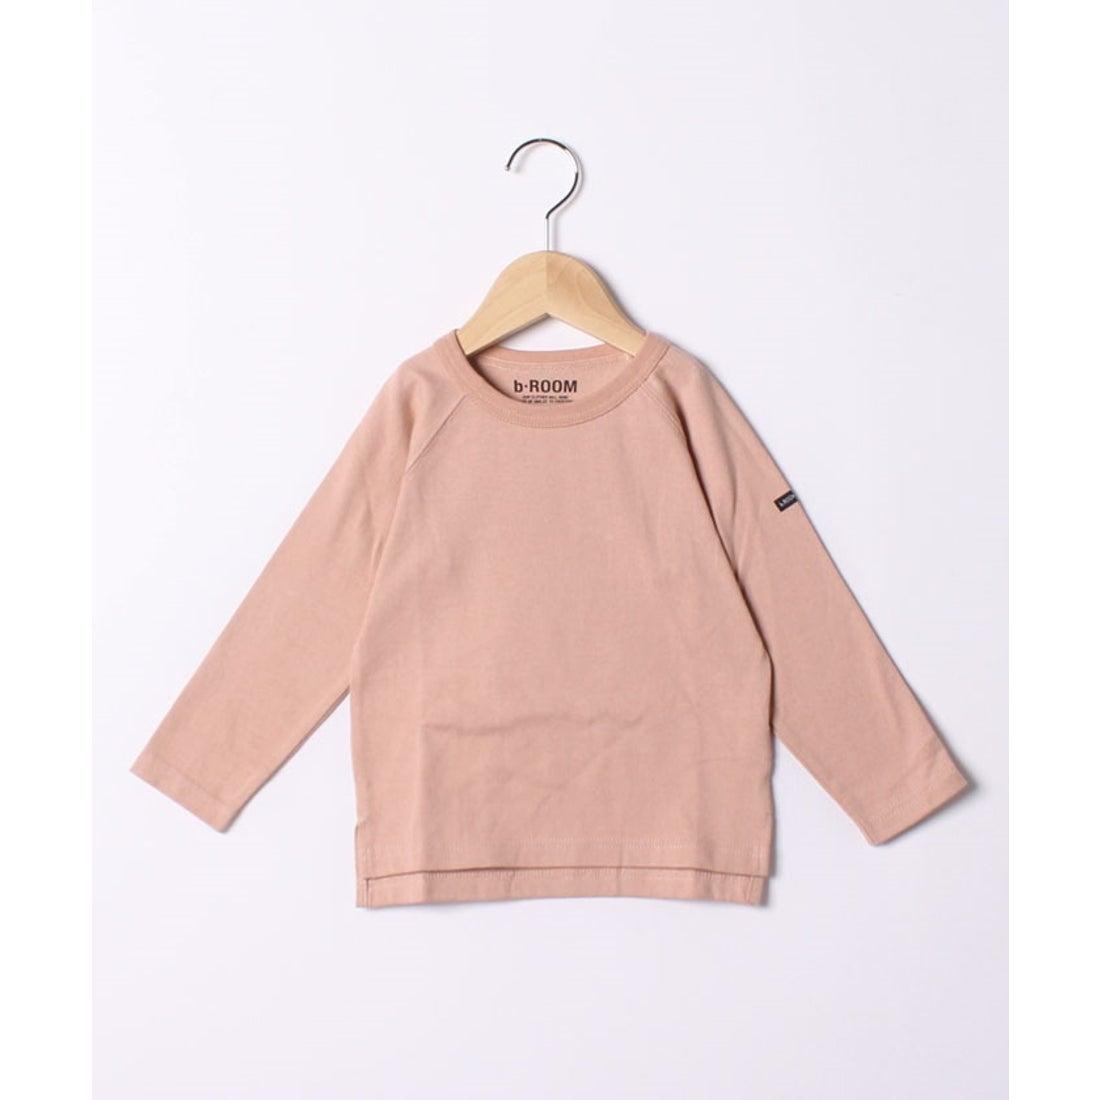 ロコンド 靴とファッションの通販サイトb-ROOM 【WEB限定】ラグラン長袖Tシャツ(ライトピンク)